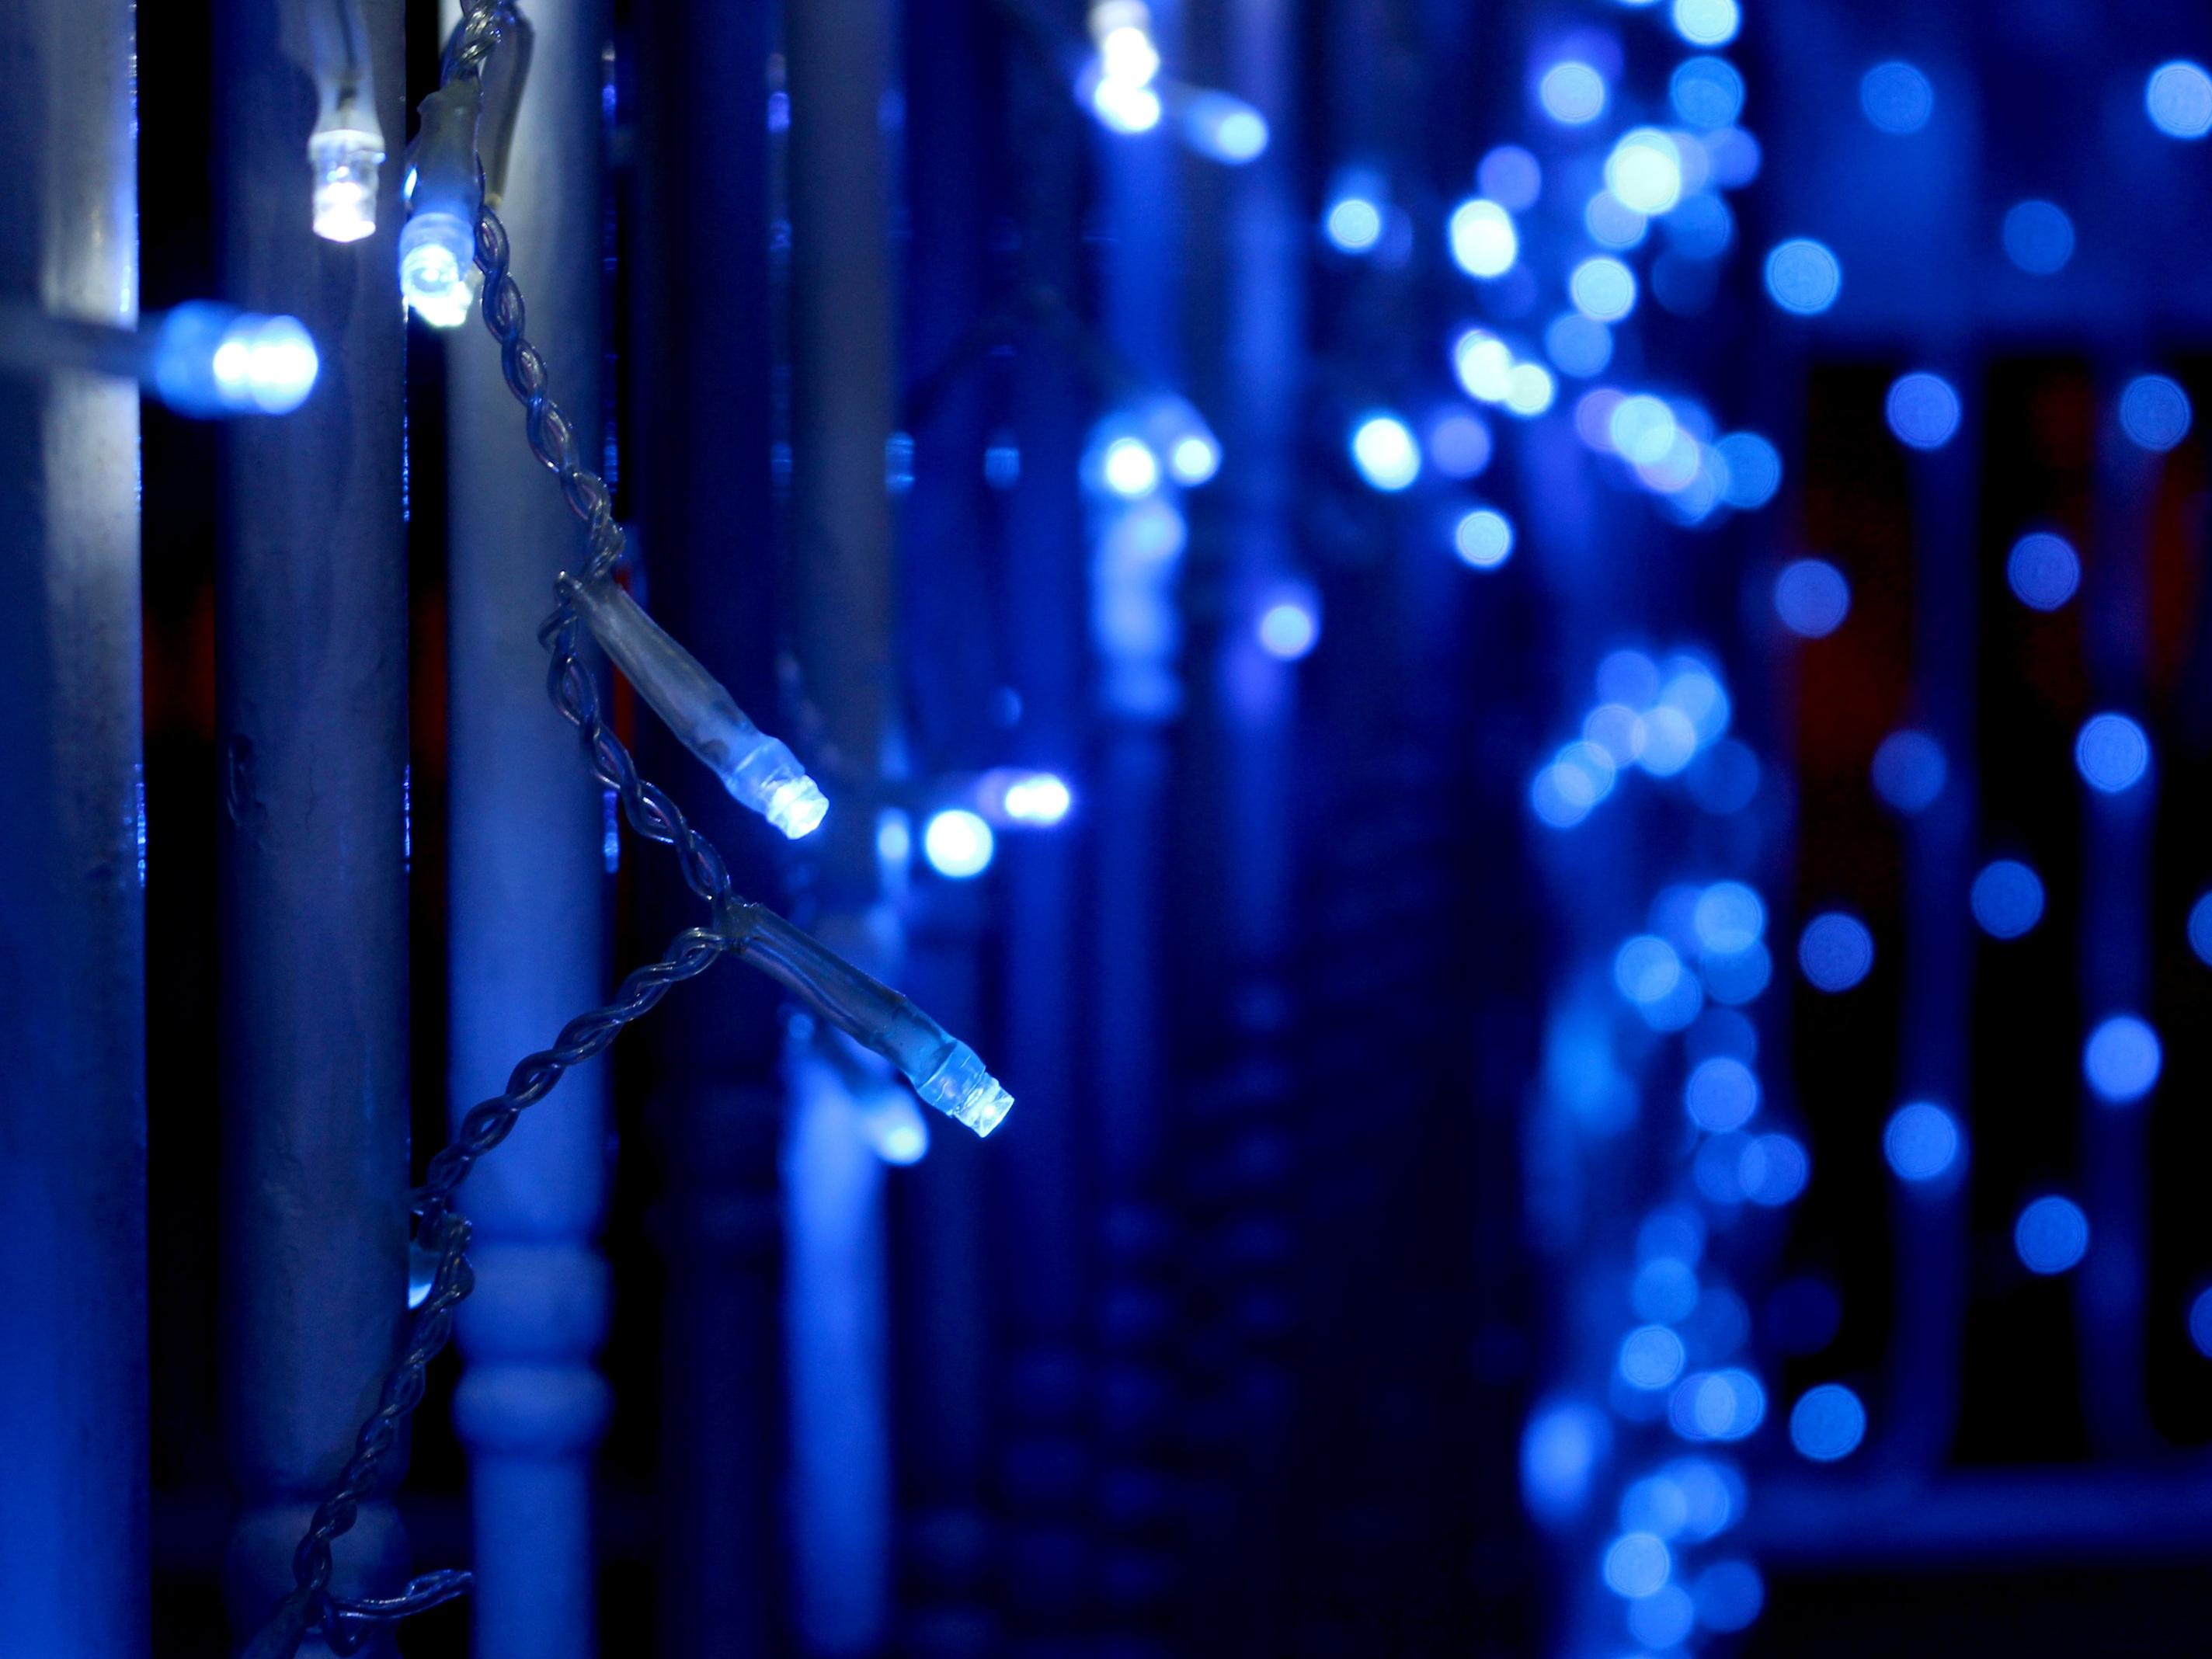 ligero noche color oscuridad azul iluminacin al aire libre escenario luz azul luces